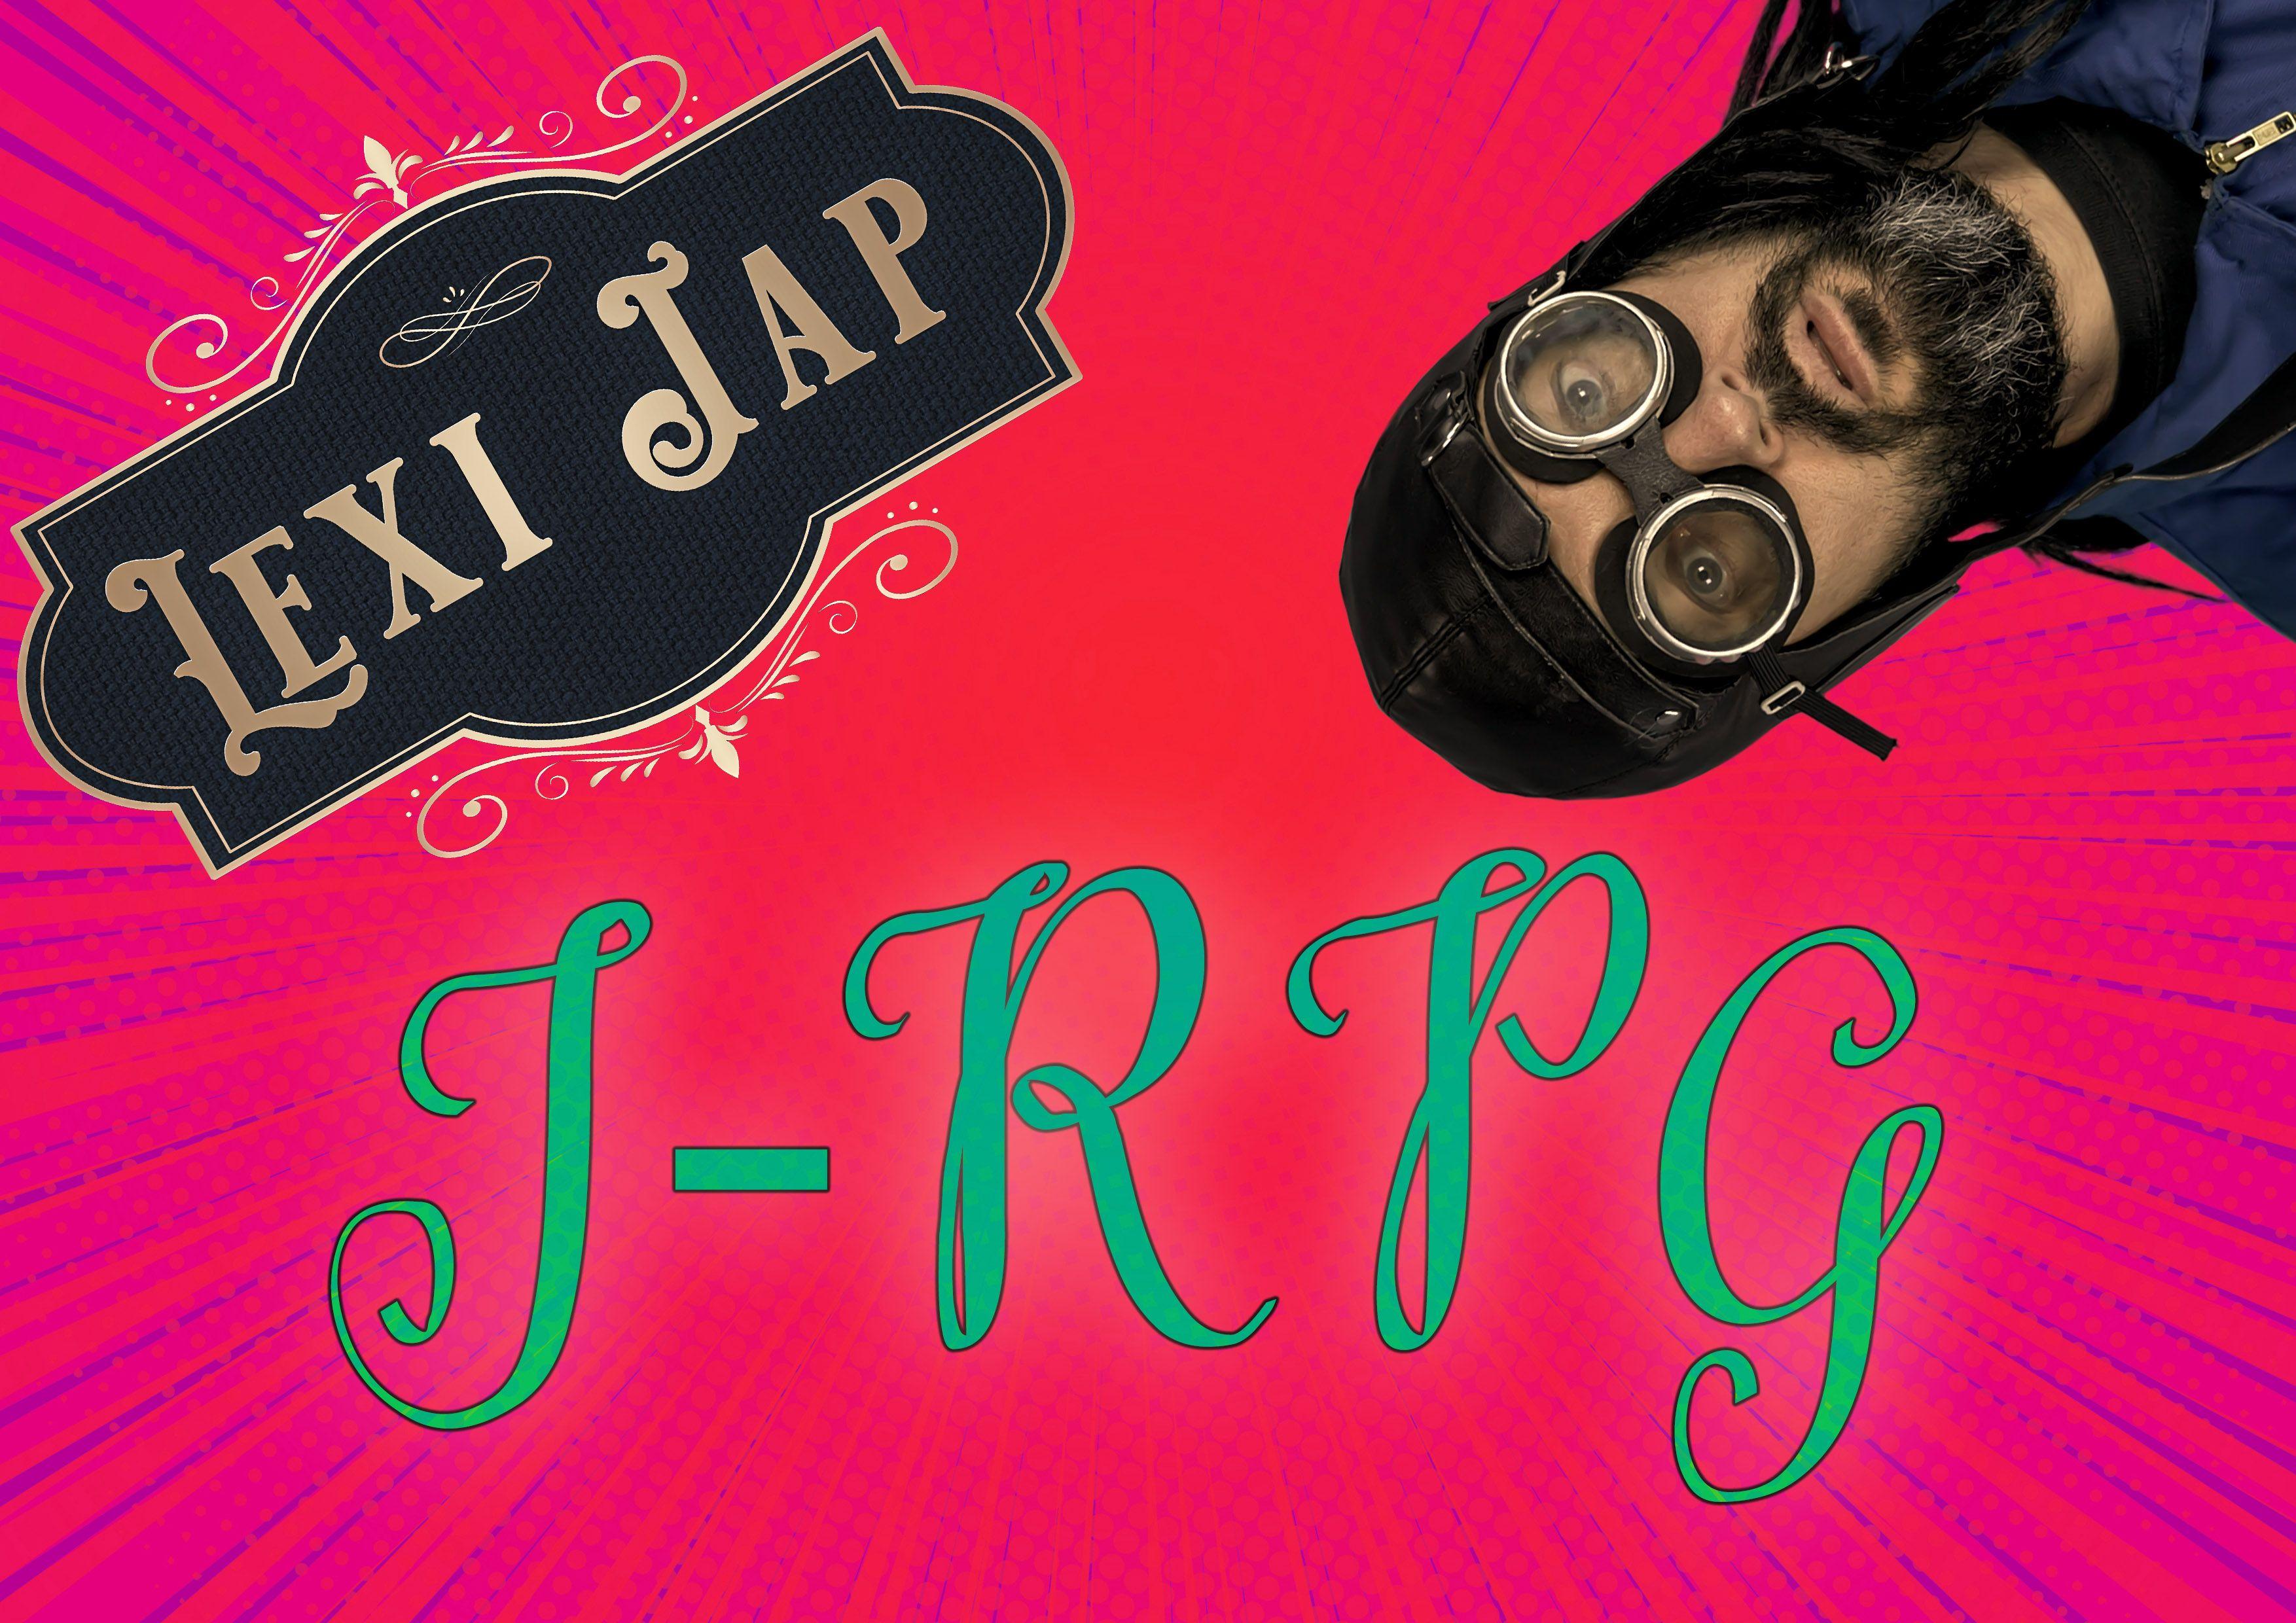 LexiJap-JRPG.jpg